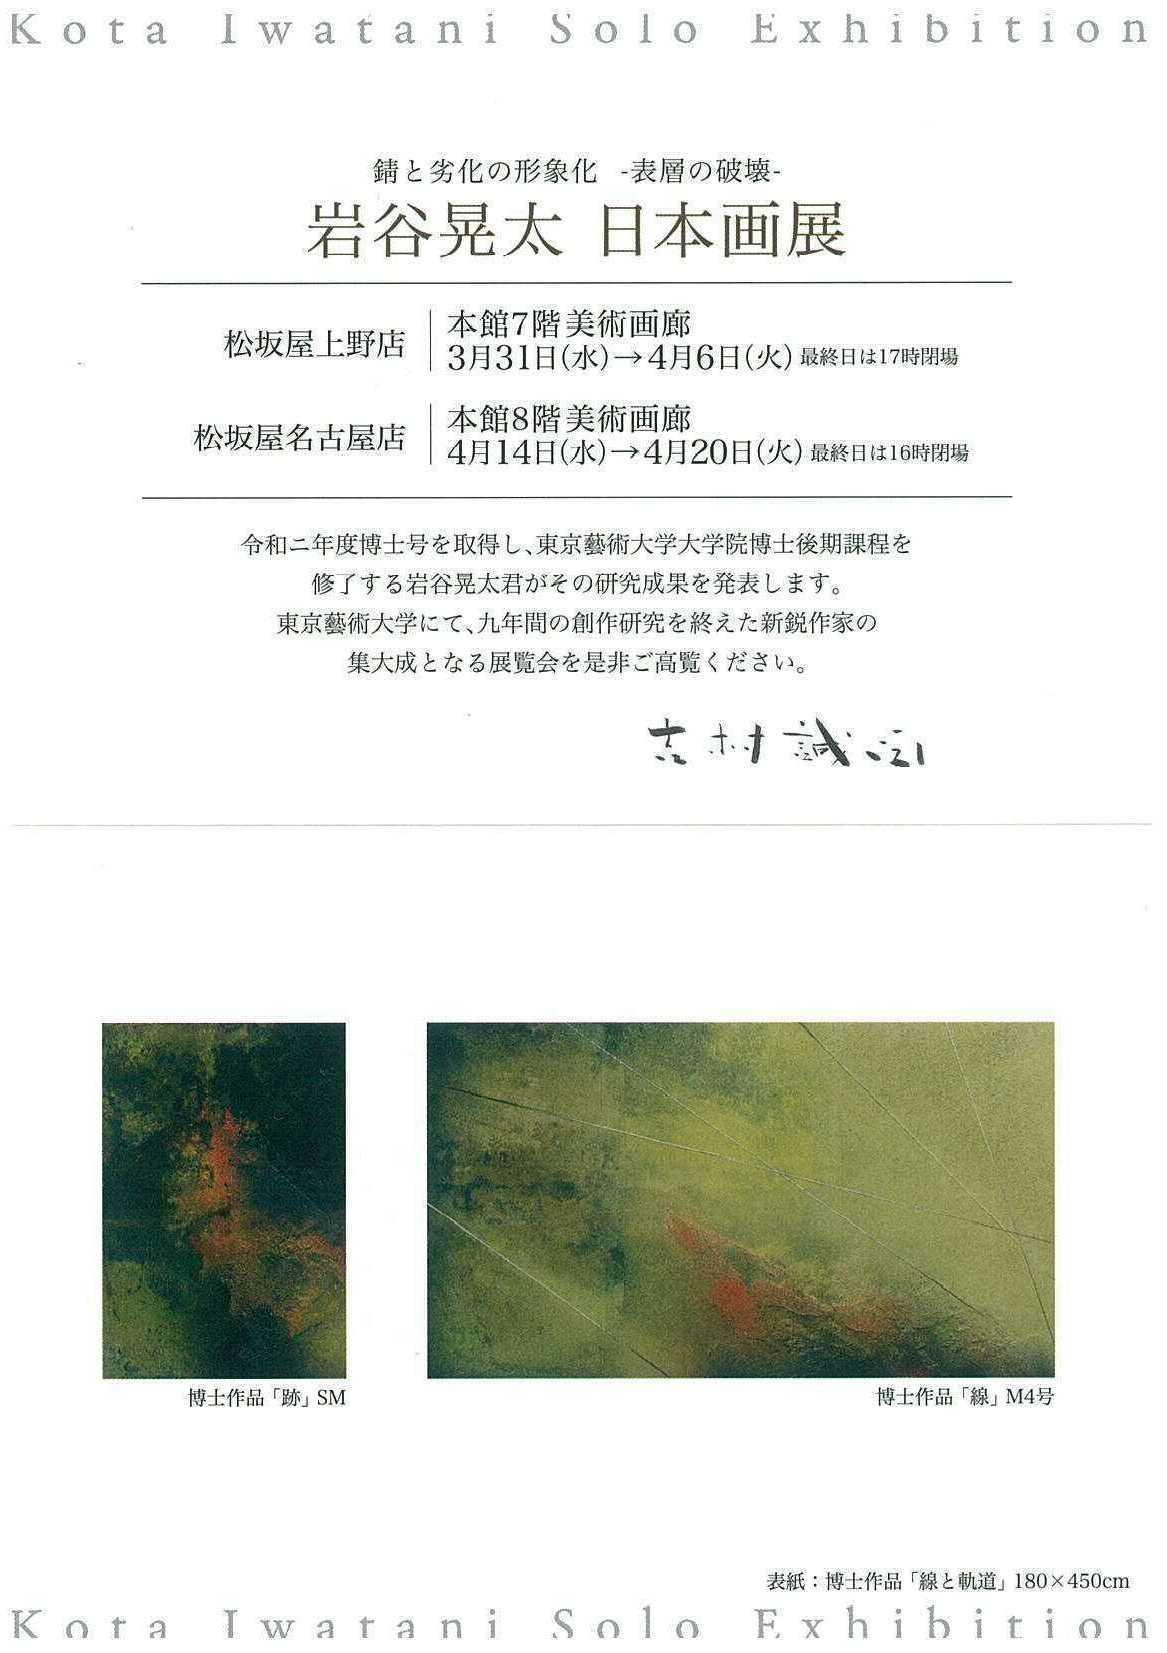 錆と劣化の形象化 ― 表層の破壊 ―岩谷晃太 日本画展の画像2